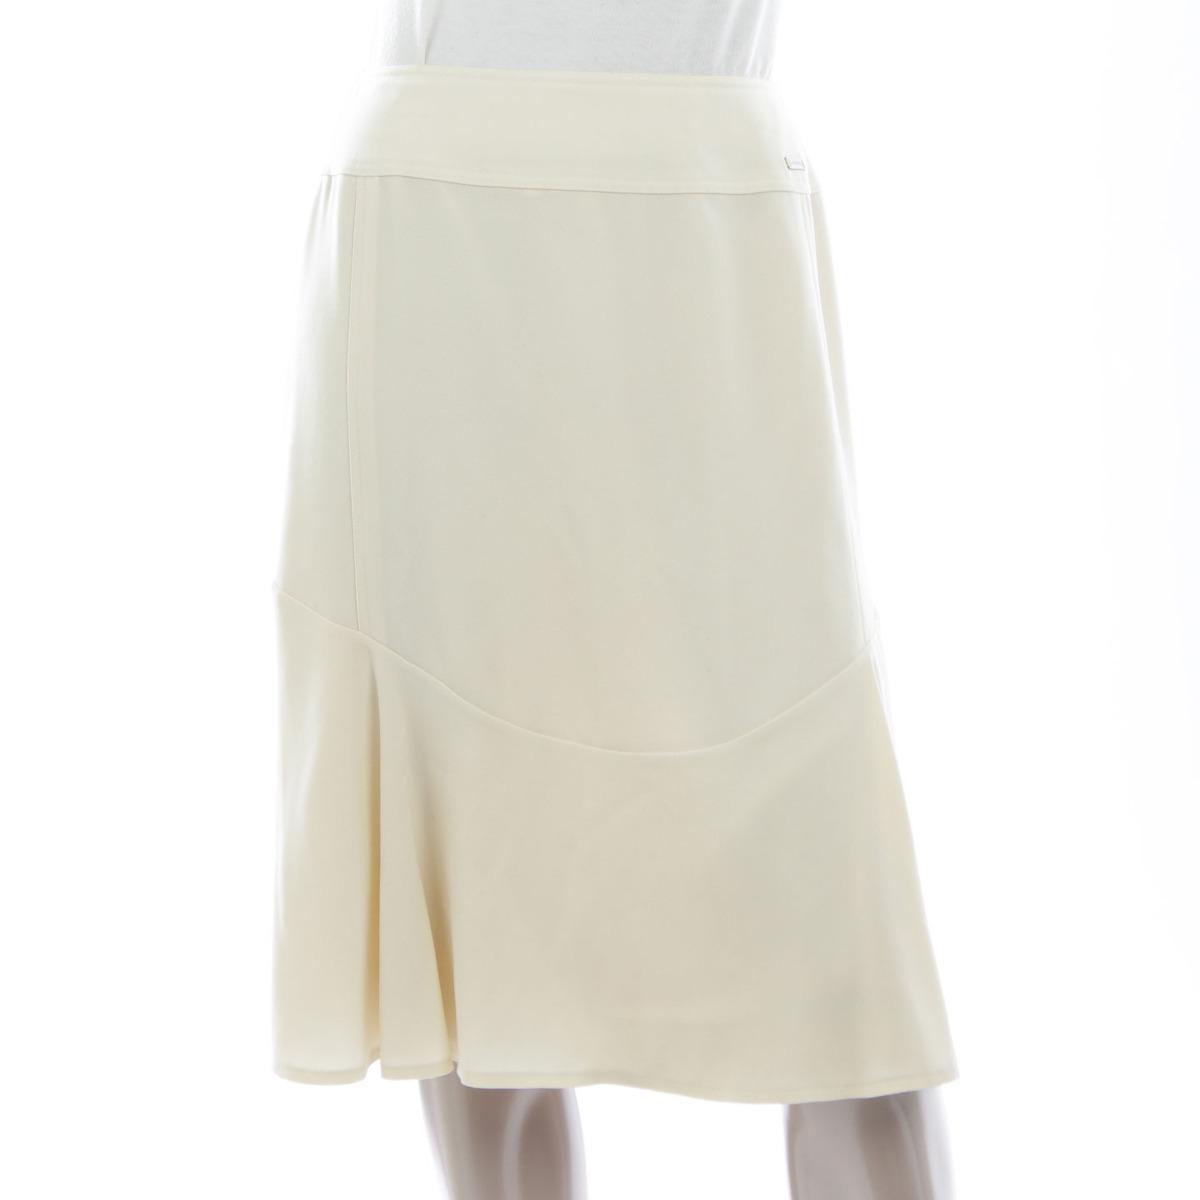 【シャネル】Chanel スカート アイボリー 00A 38 【中古】【鑑定済・正規品保証】【送料無料】20446